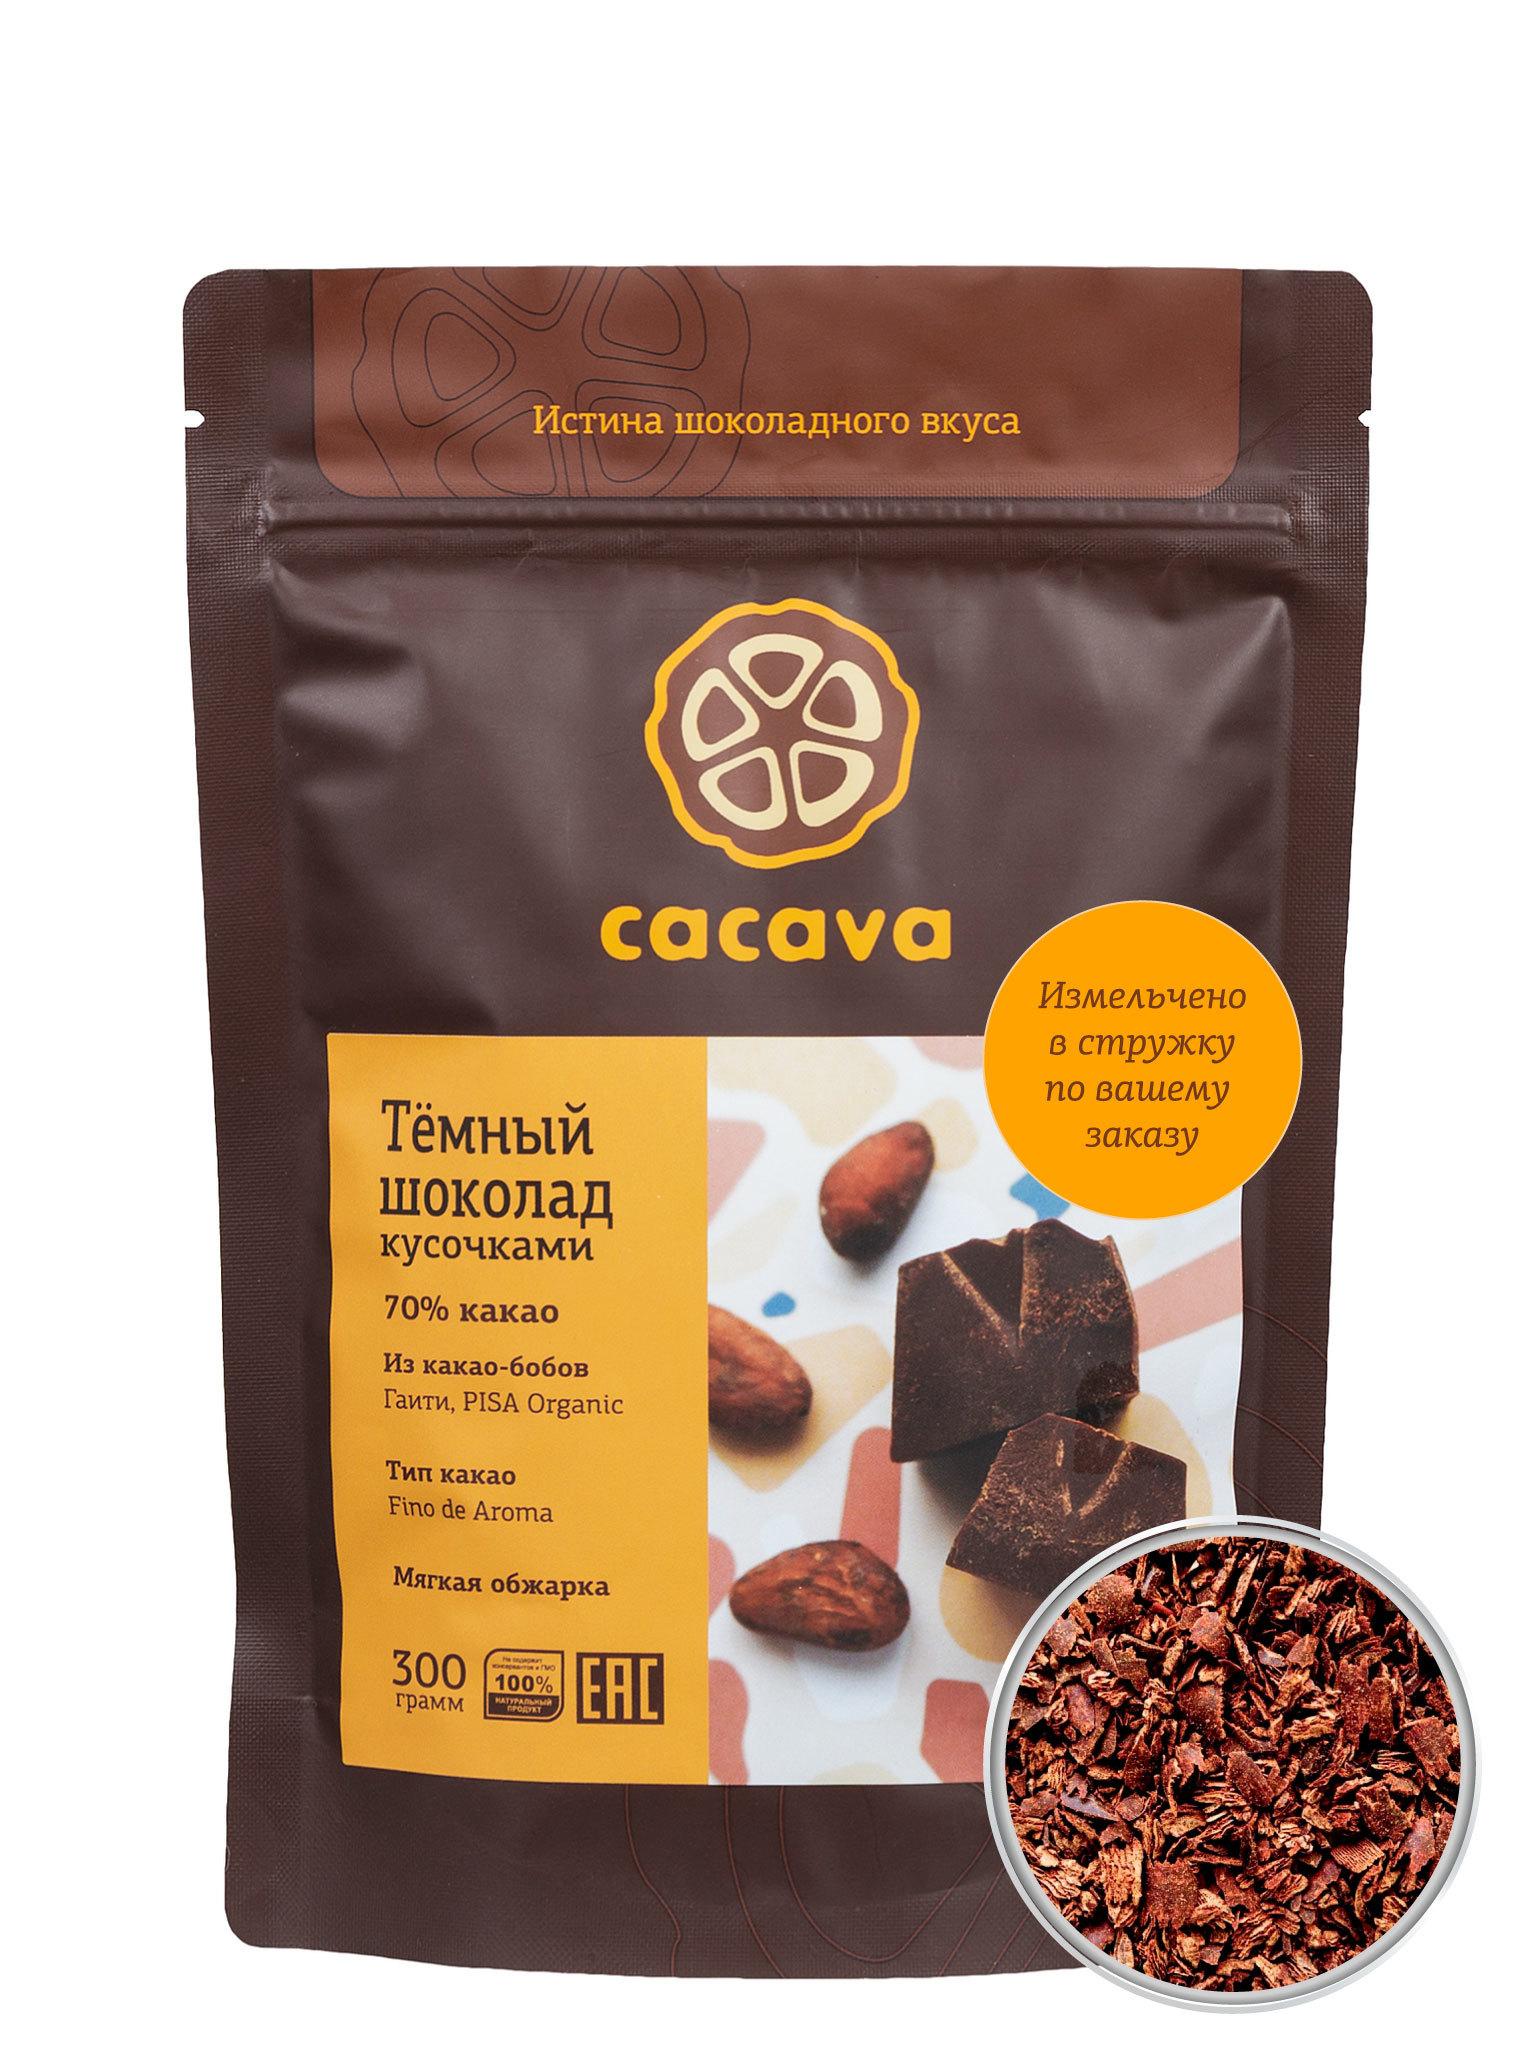 Тёмный шоколад 70 % какао в стружке (Гаити), упаковка 300 грамм